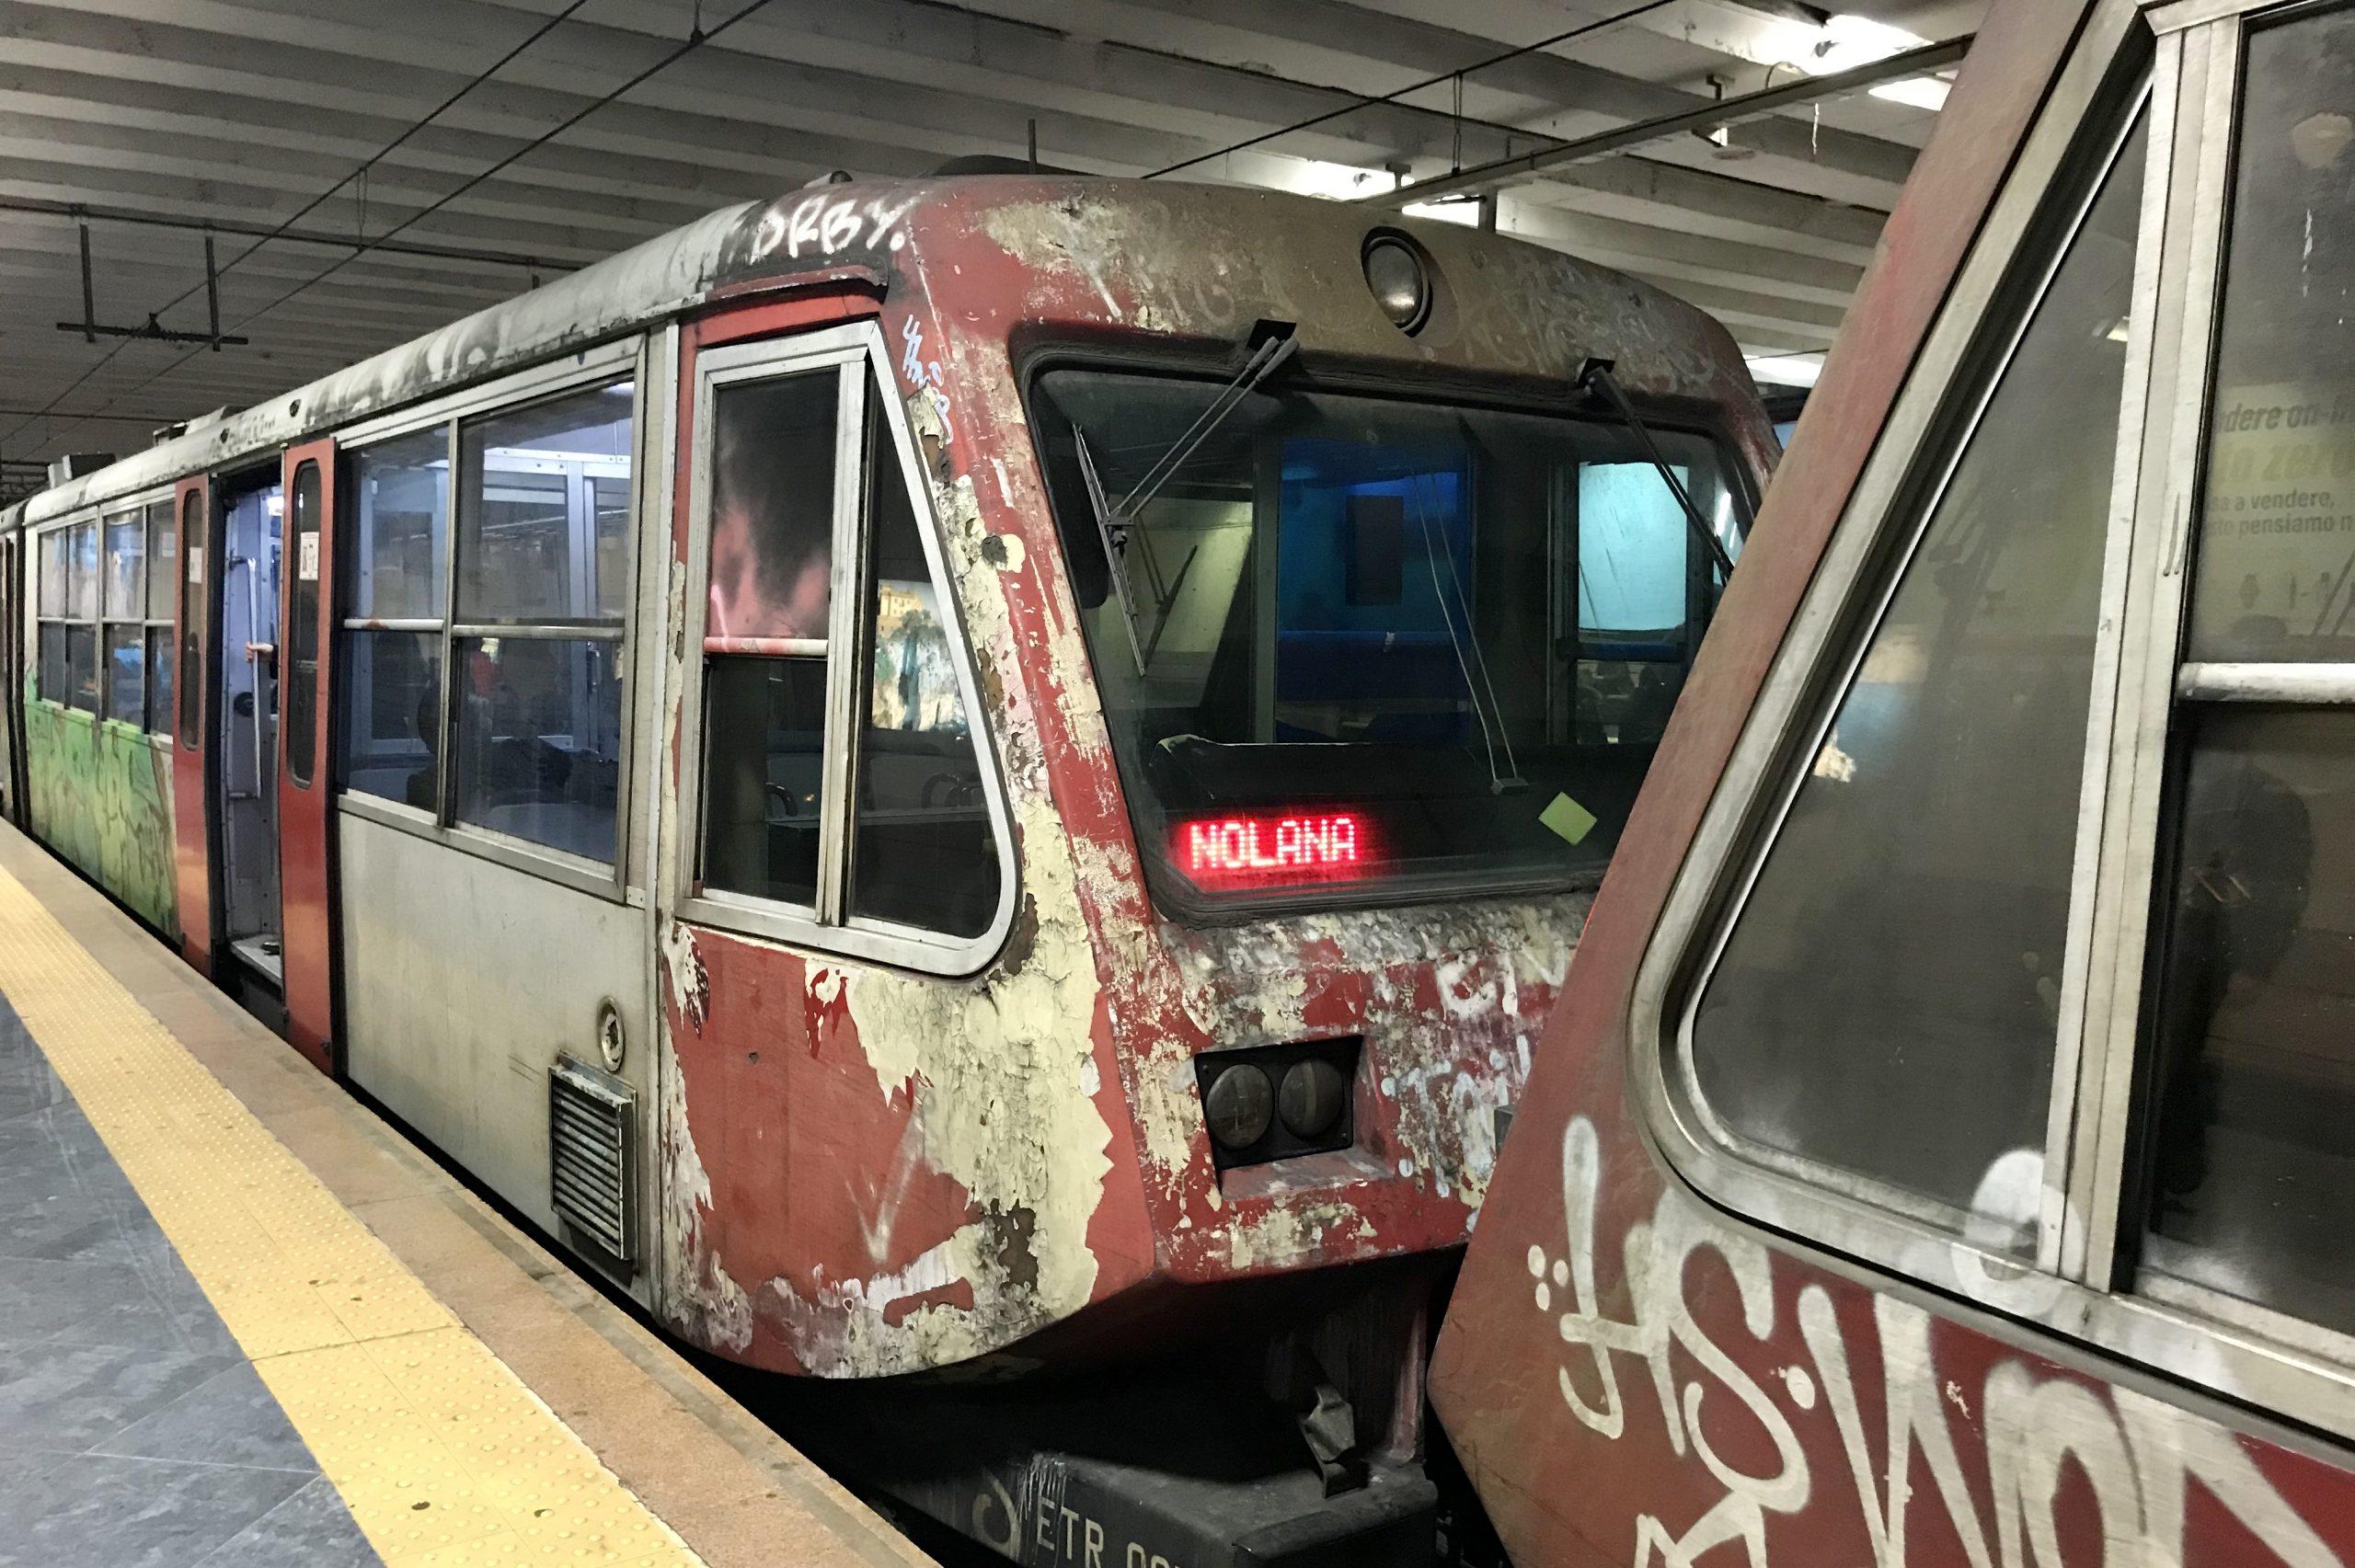 ヴェスビオ周遊鉄道の電車